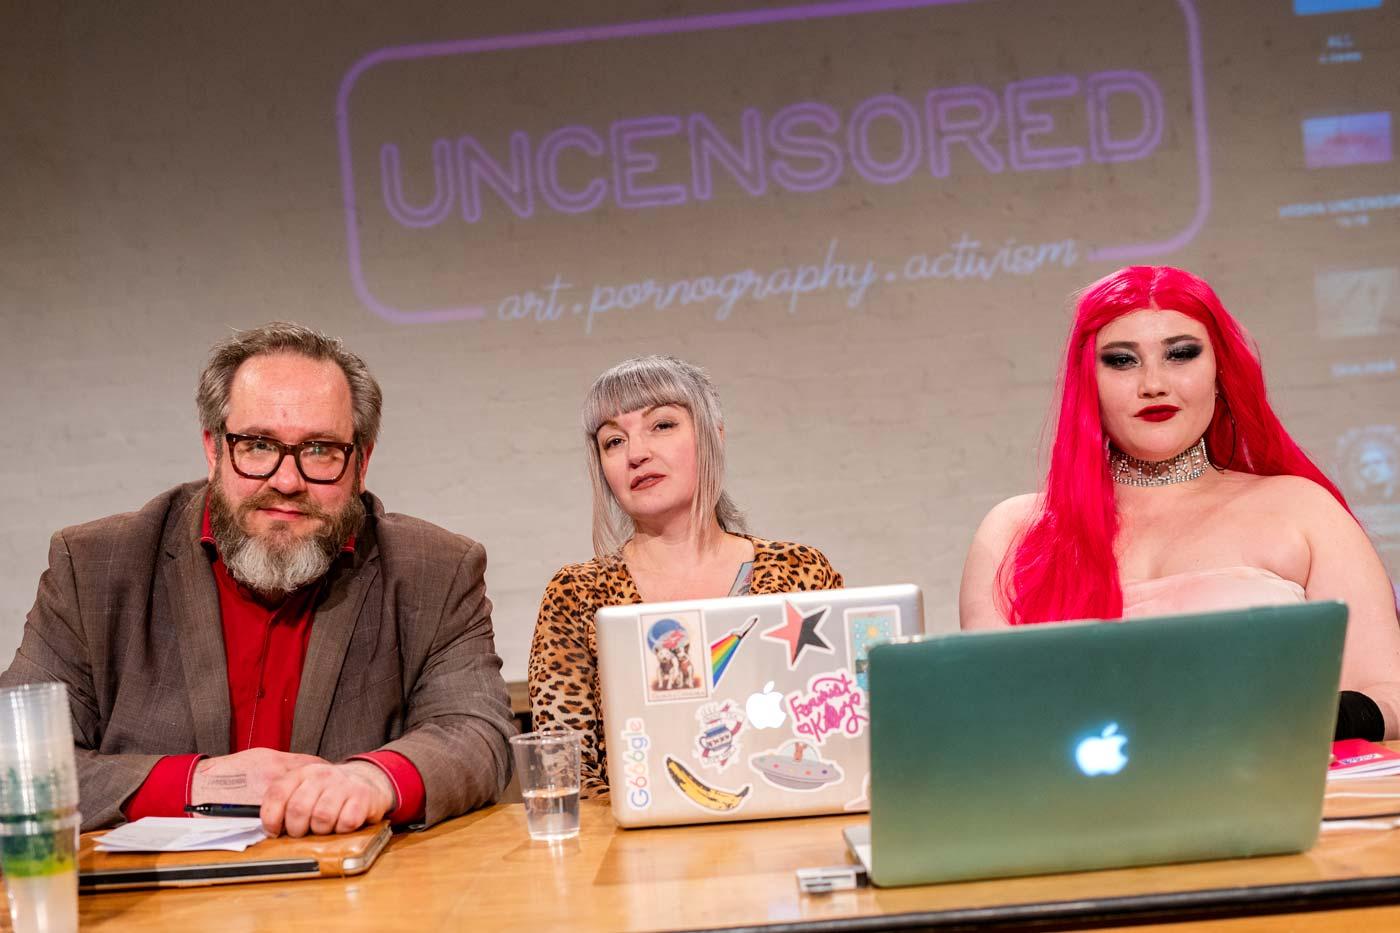 UNCENSORED-porn-film-festival-talk